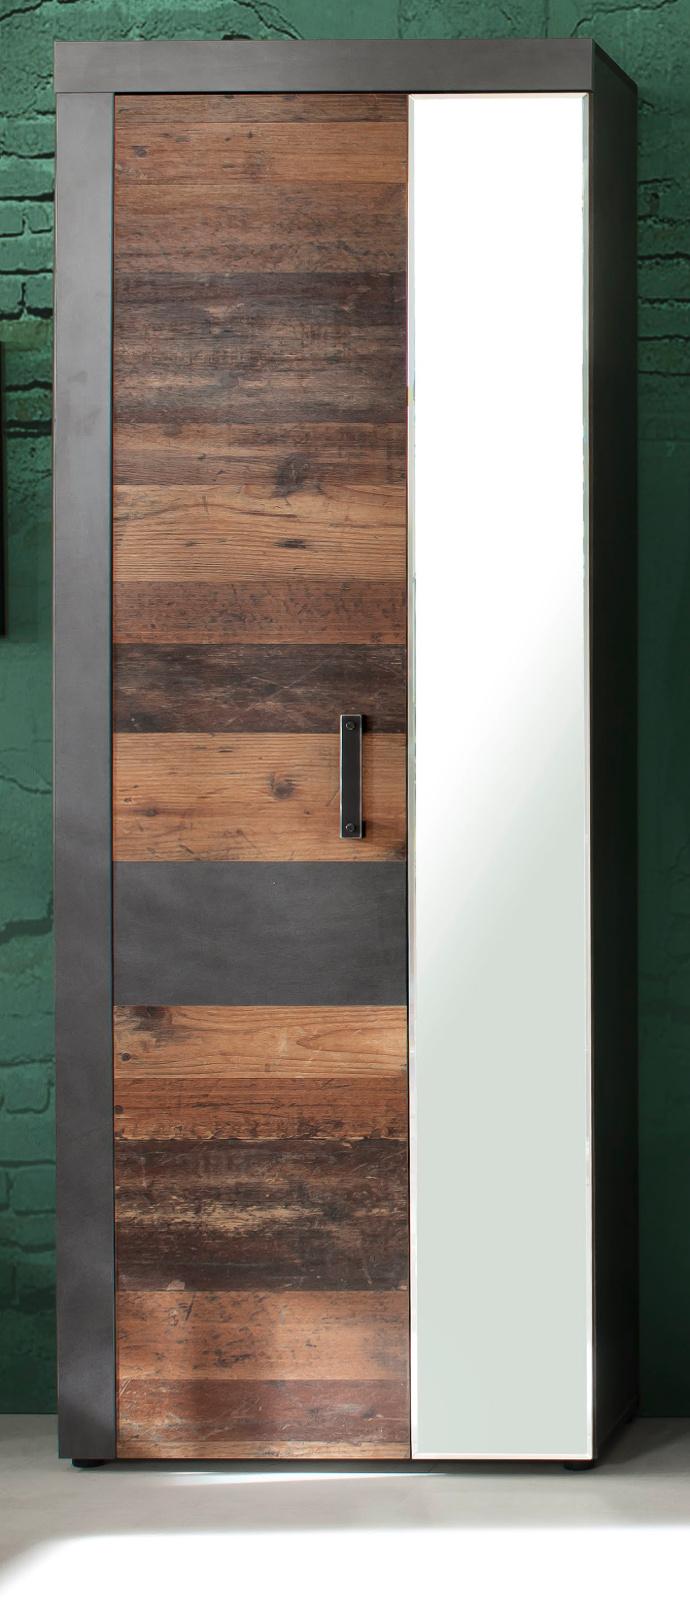 Garderobenschrank Garderobe Und Grosser Schuhschrank Used Wood Flur